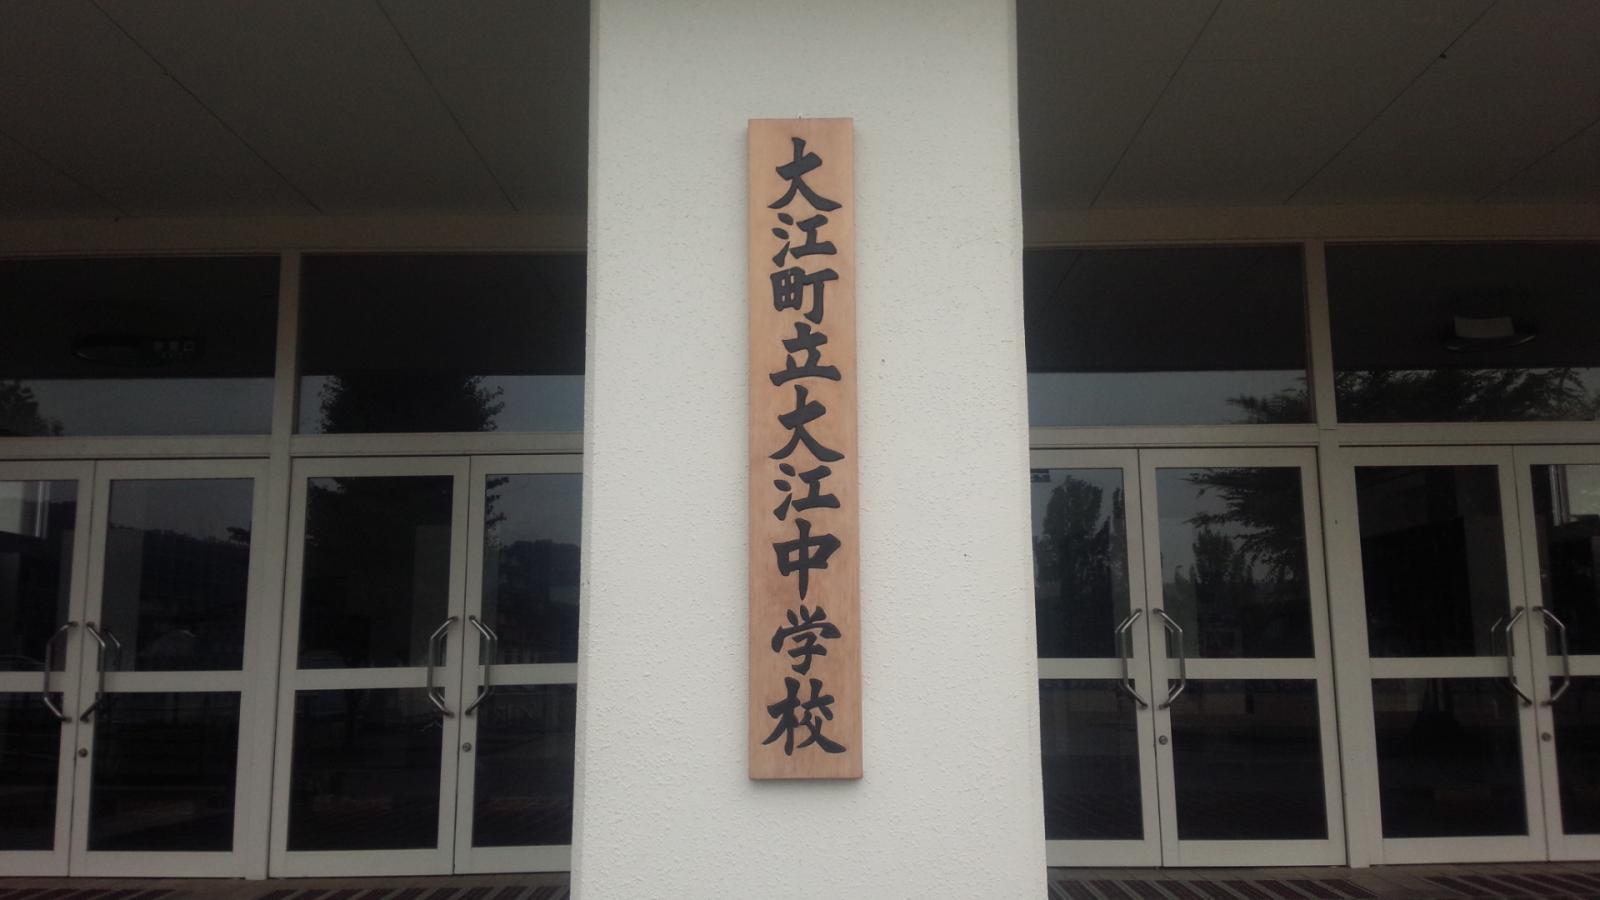 スタディピア】大江中学校(西村山郡大江町本郷己)